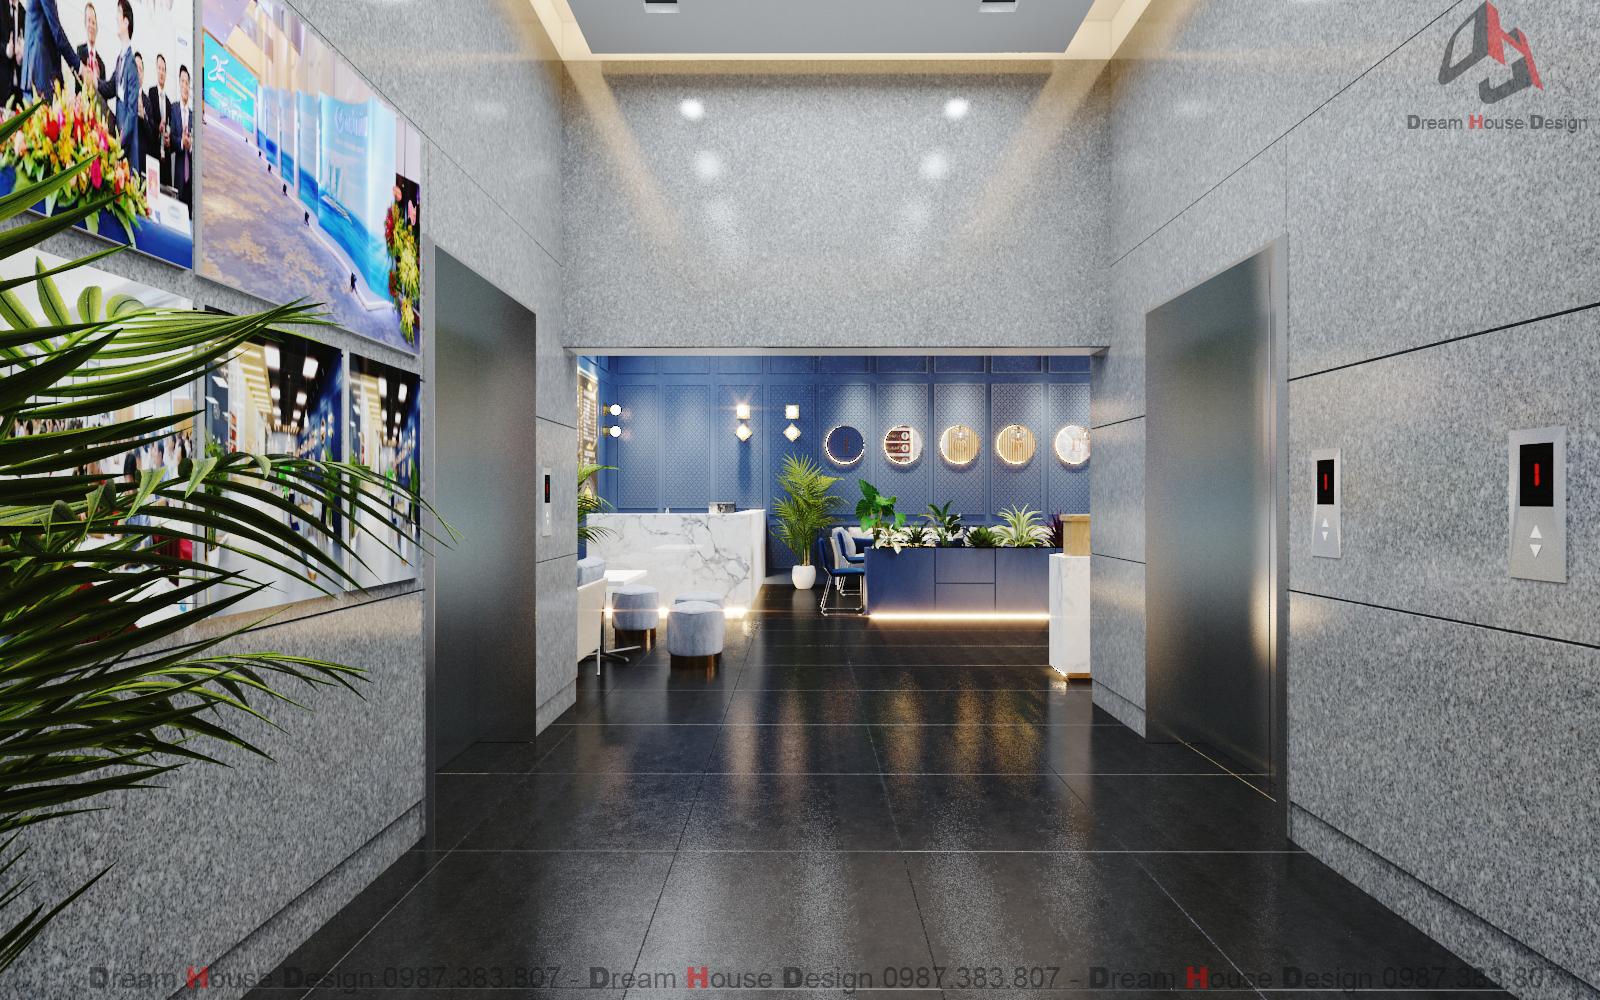 thiết kế nội thất Văn Phòng tại Hà Nội SẢNH VĂN PHÒNG TÒA NHÀ HANCORP PLAZA 5 1553137335